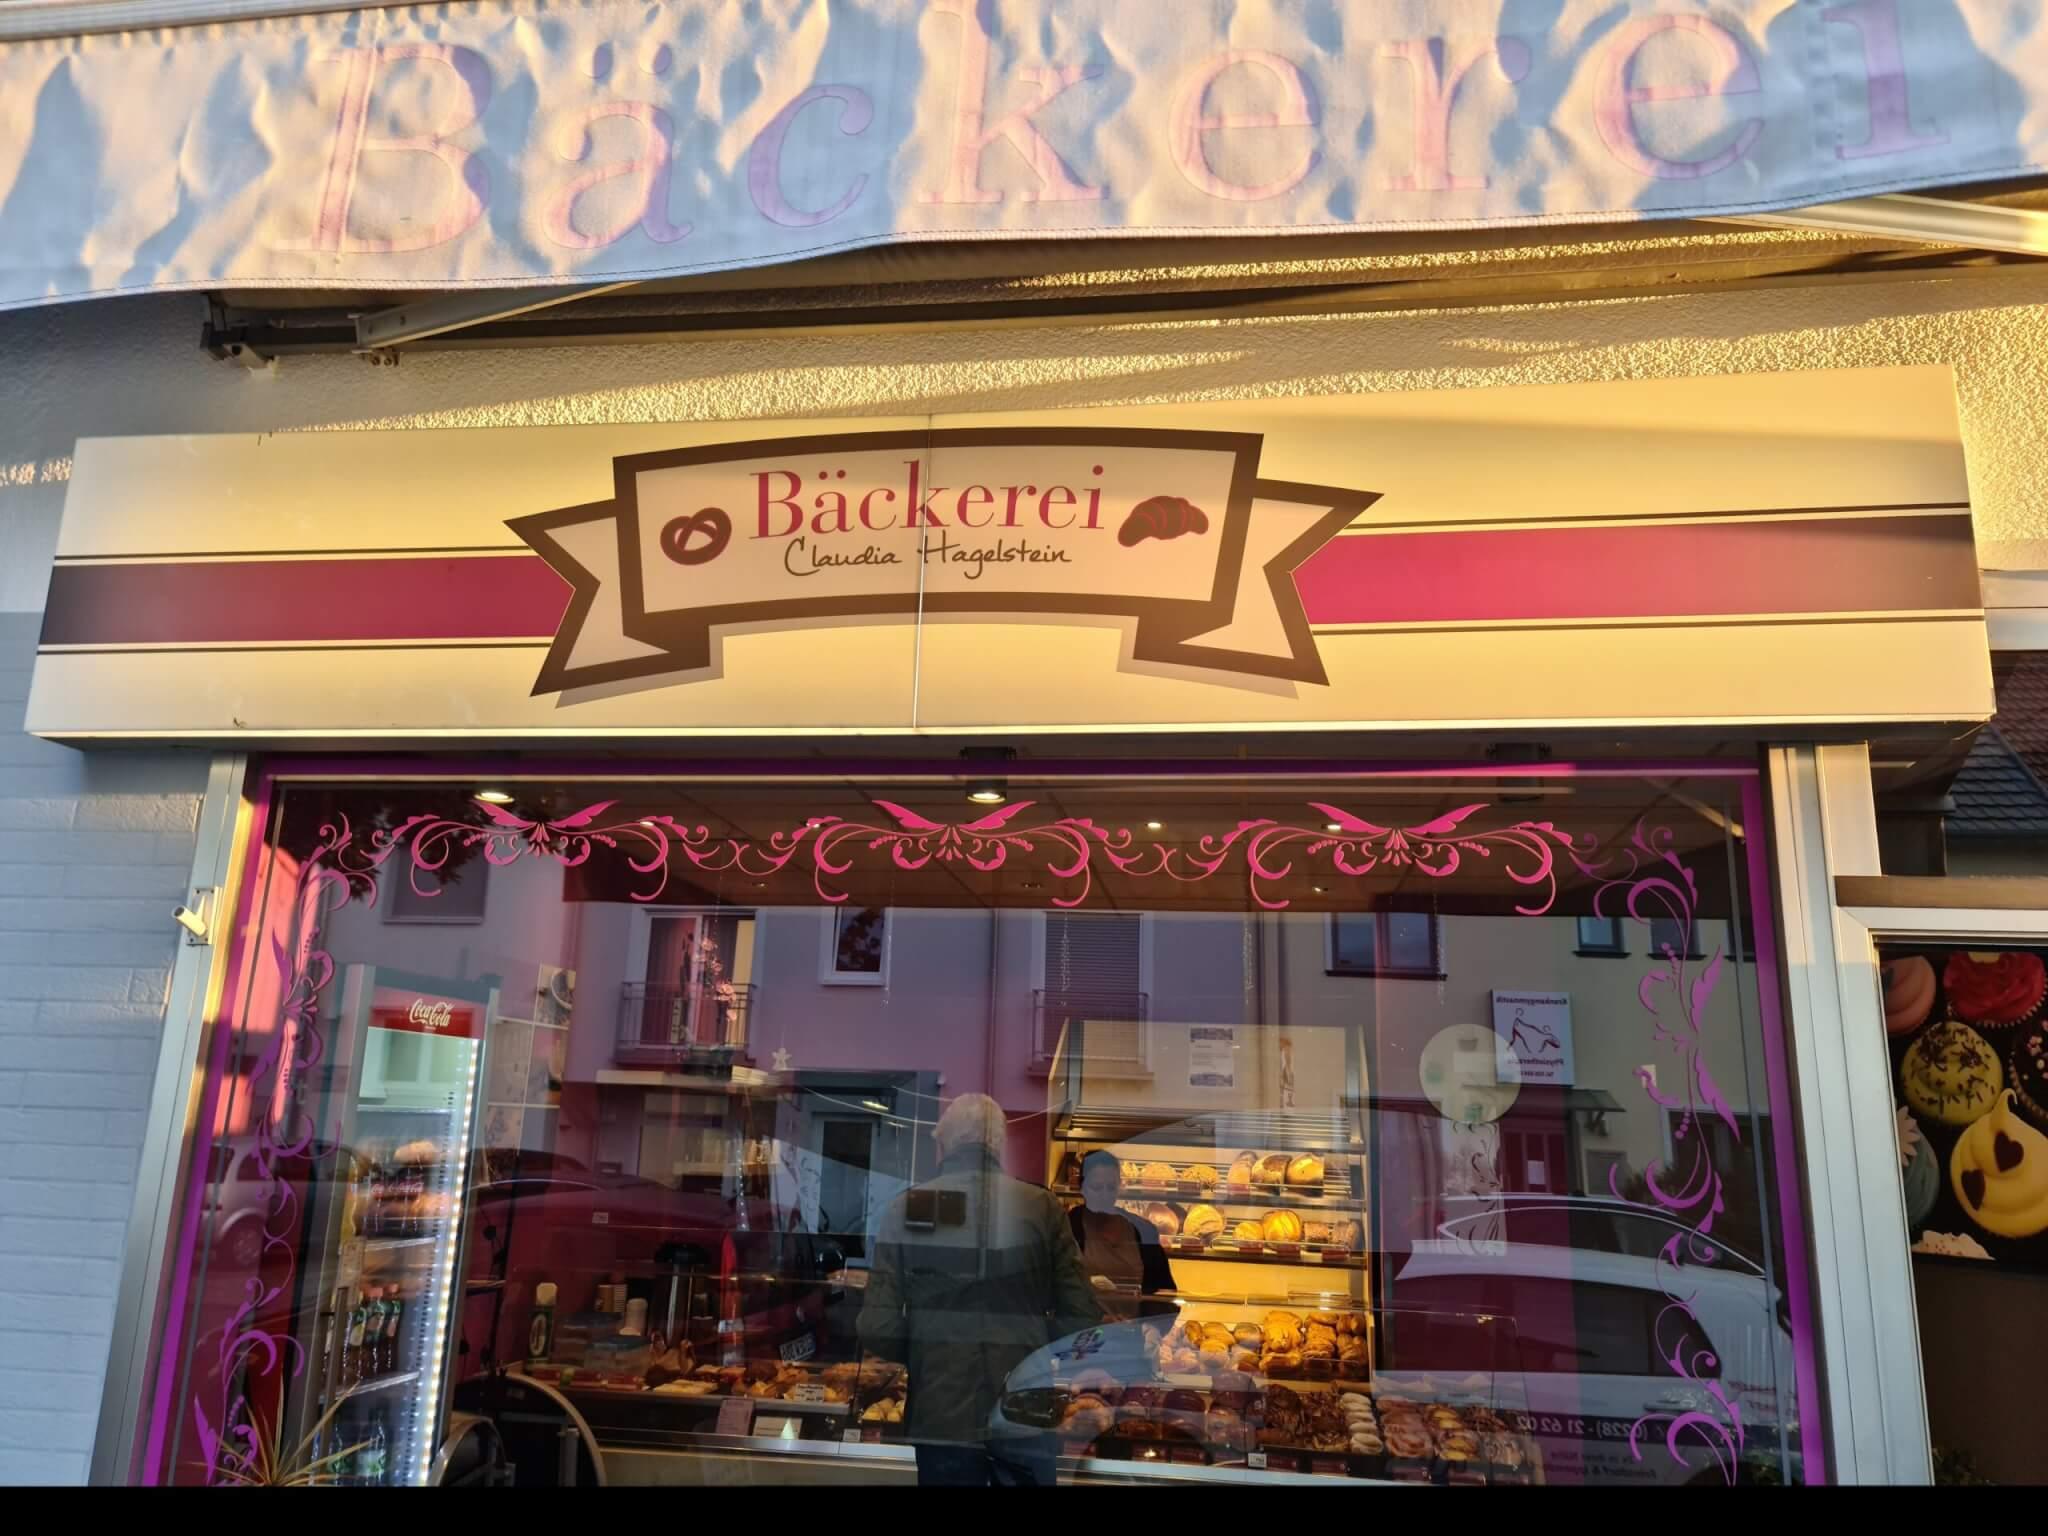 Beleuchtete Aussenwerbeanlage Bäckerei